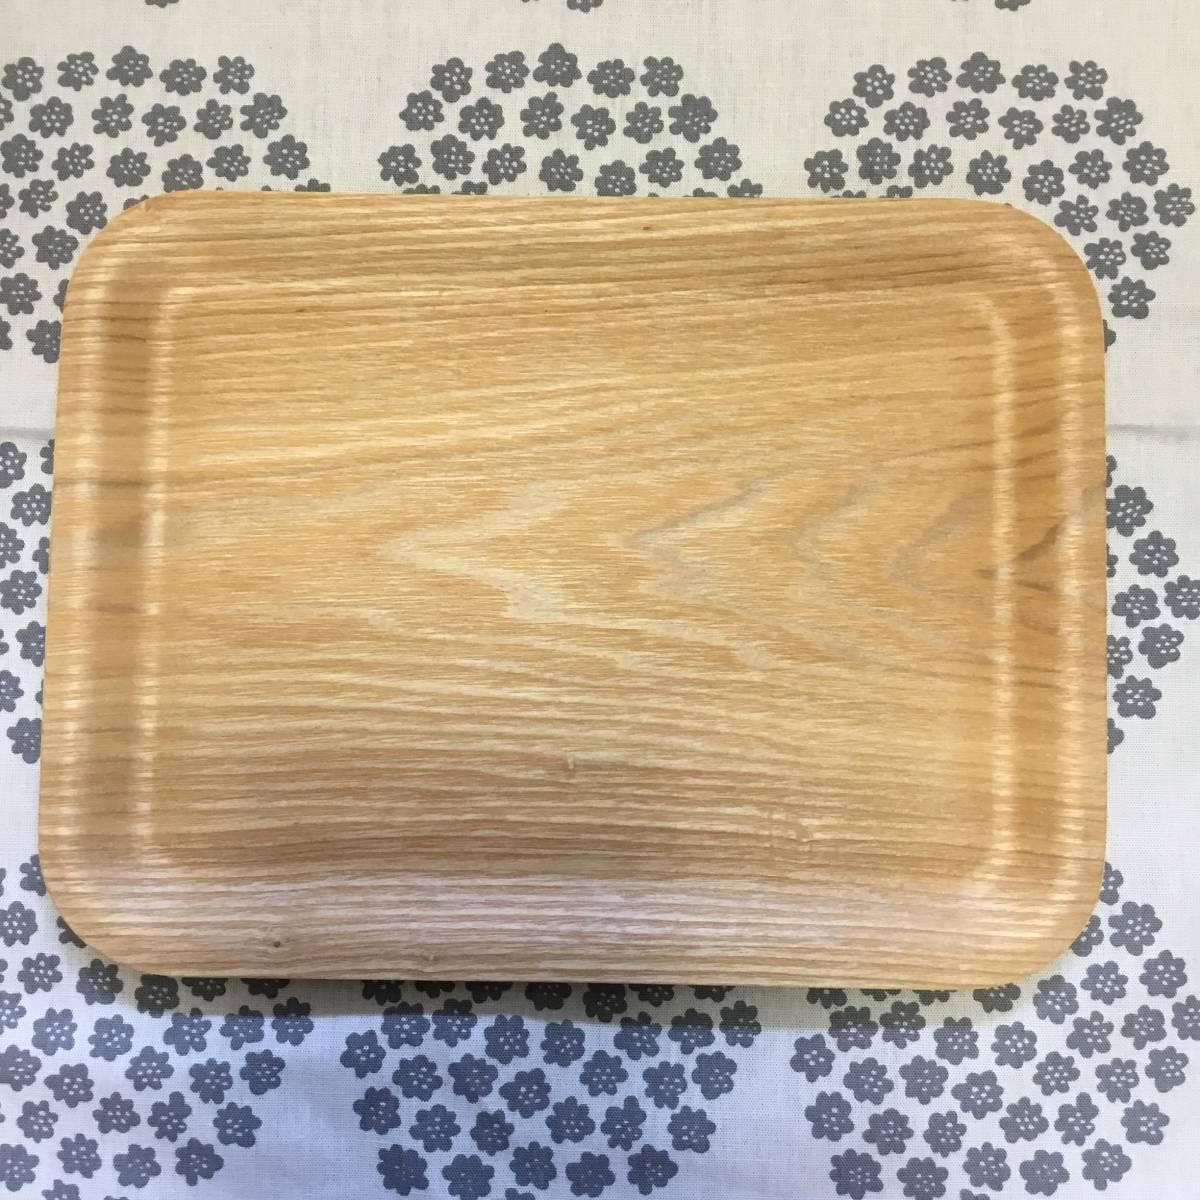 新品 無印良品 木製 トレー・タモ 中 32X24X1.5 お盆 クリックポスト可!